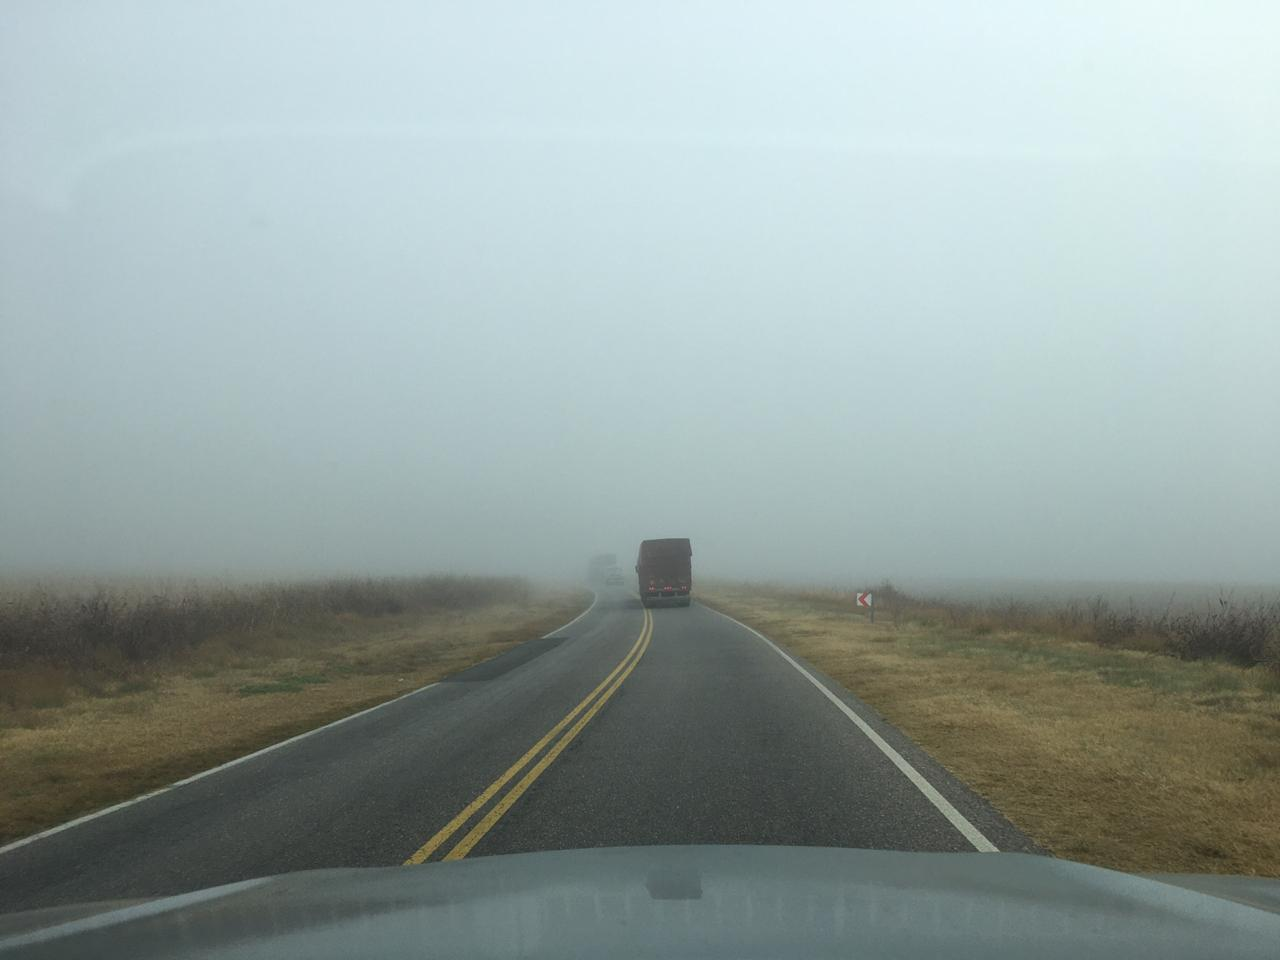 Por el humo y la niebla: Camioneros alertaron de la poca visibilidad en el sector de la RRU y la policía trabajó hasta las 02.00 de la mañana